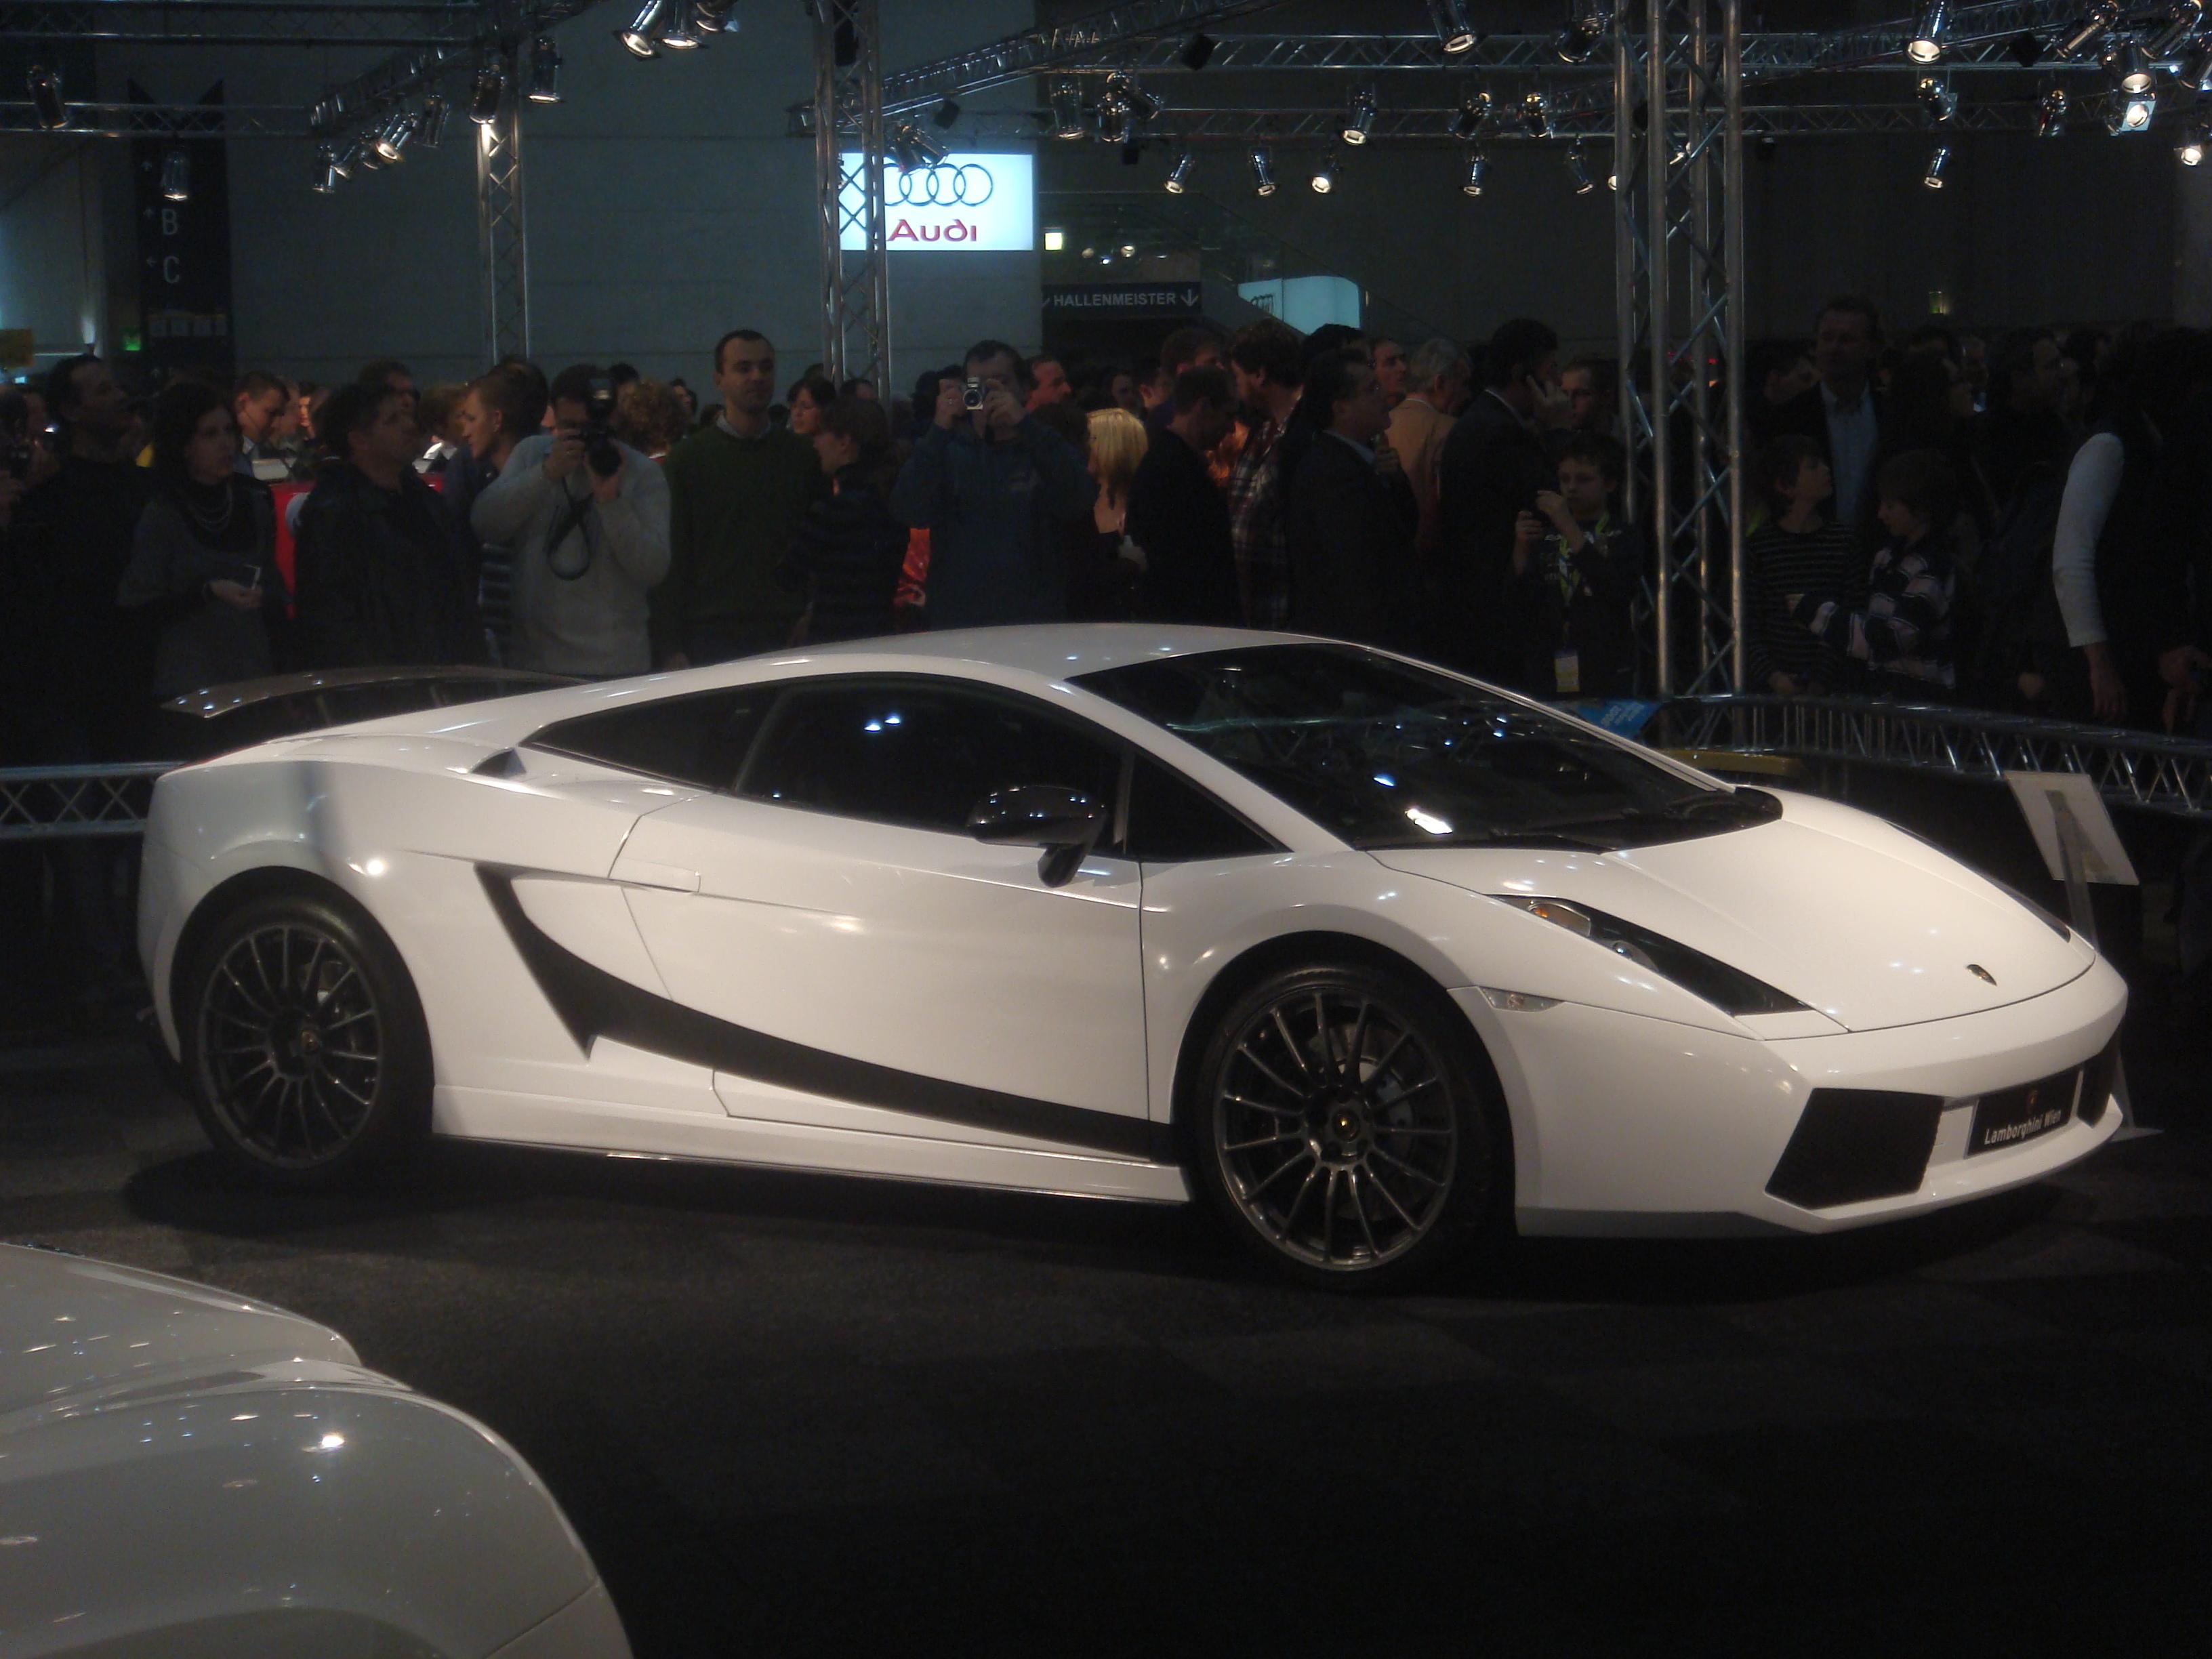 Amazing Lamborghini Gallardo Superleggera Pictures